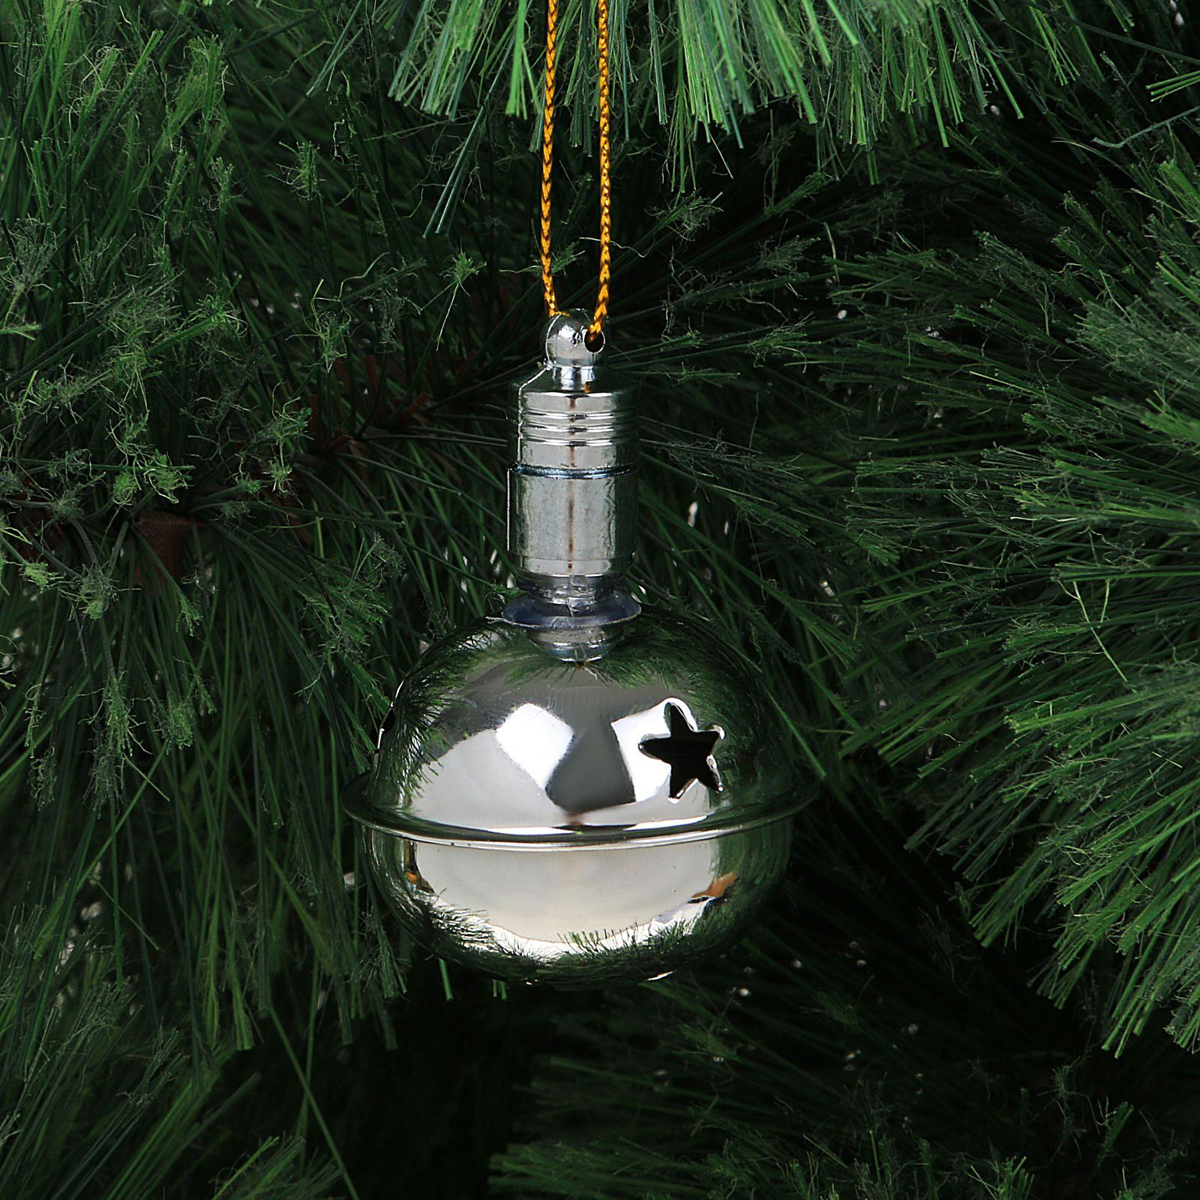 Подвеска новогодняя Luazon Lighting Погремушка, световая, цвет: серебристый, длина 5,5 см2327166Световая новогодняя подвеска Luazon Lighting Погремушка выполнена из металла в виде погремушки. Елочное украшение выглядит как простая елочная игрушка днем, но при этом остается видимой вечером. Просто включите изделие с наступлением темноты, и оно украсит елку огоньками. Подвеска Luazon Lighting Погремушка работает от батареек (входит в комплект) и пожаробезопасна, так как светодиоды не нагреваются, в отличие от ламп накаливания.